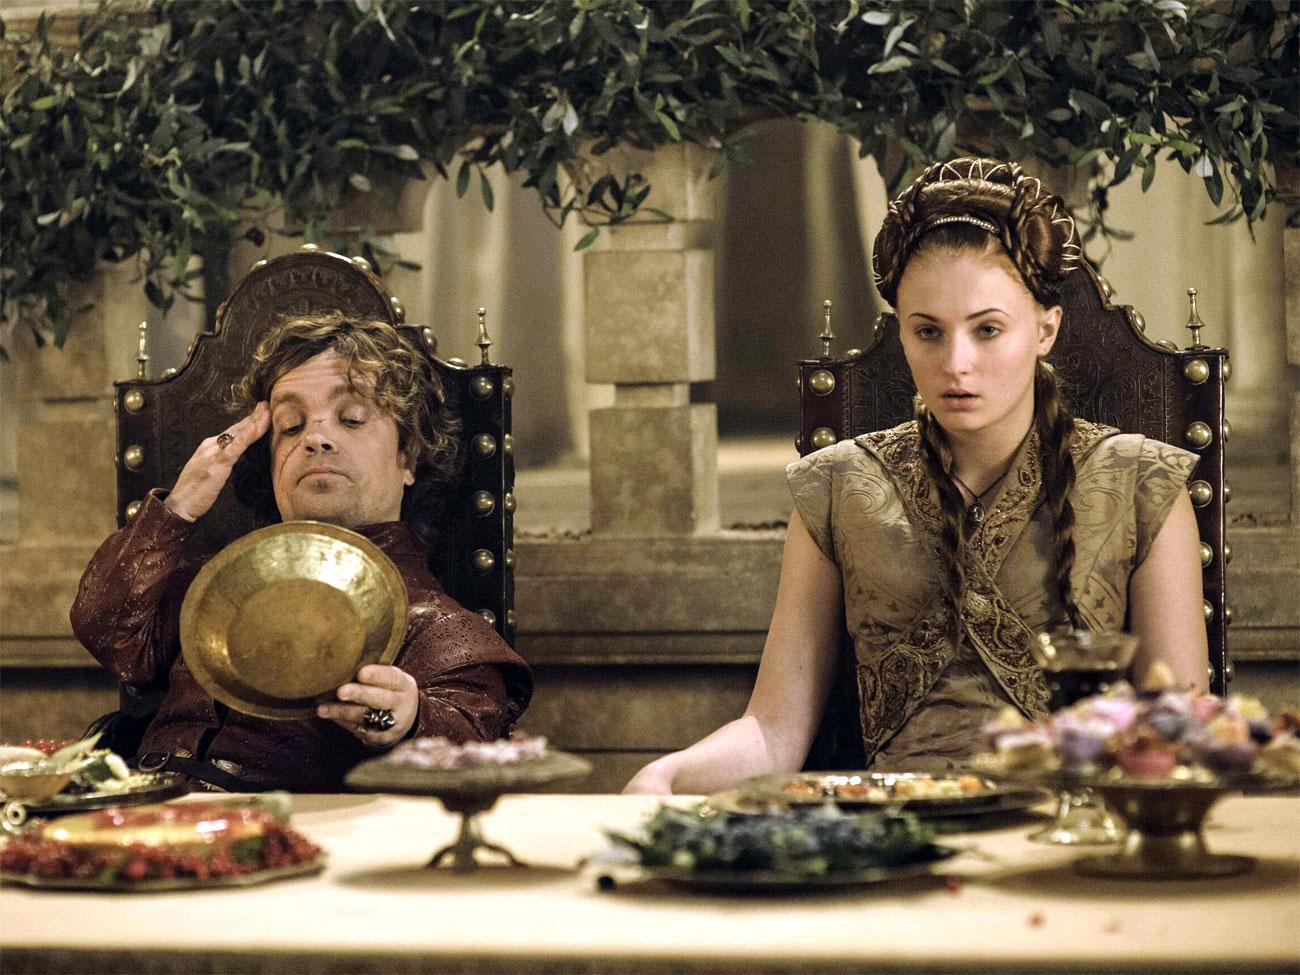 Imagen: Juego de tronos (HBO).